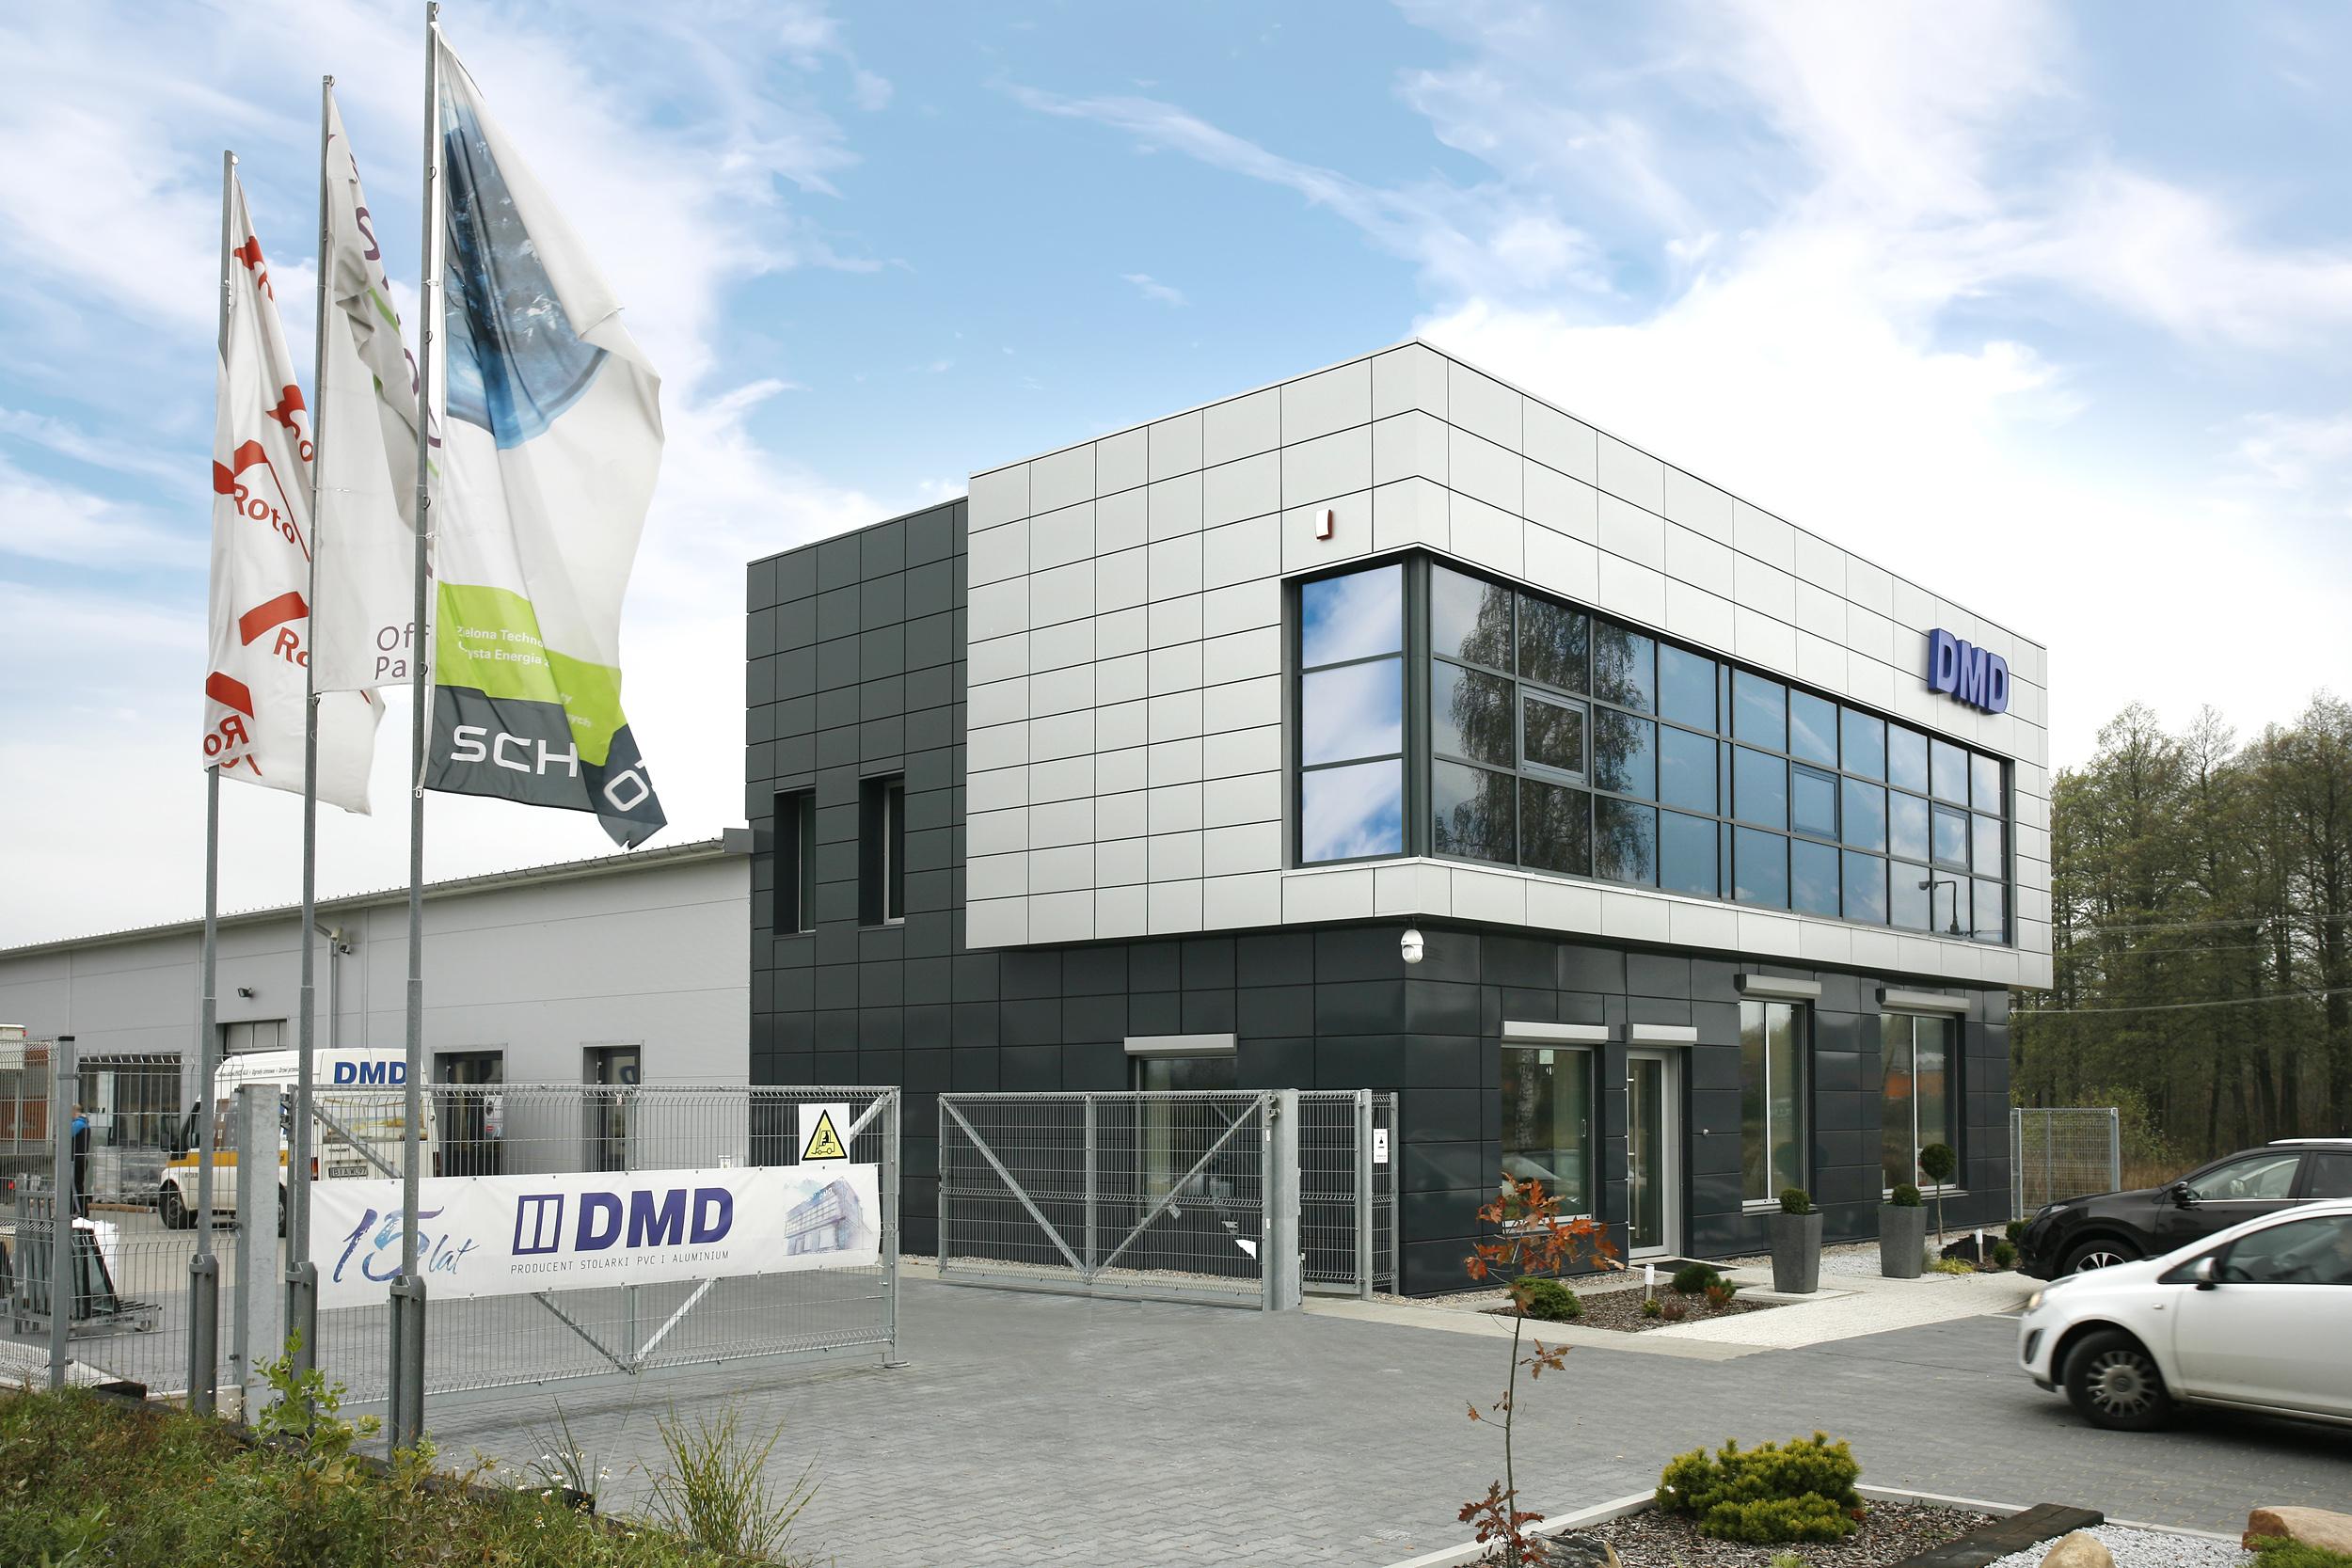 producent okien pvc białystok, Siedziba firmy DMD